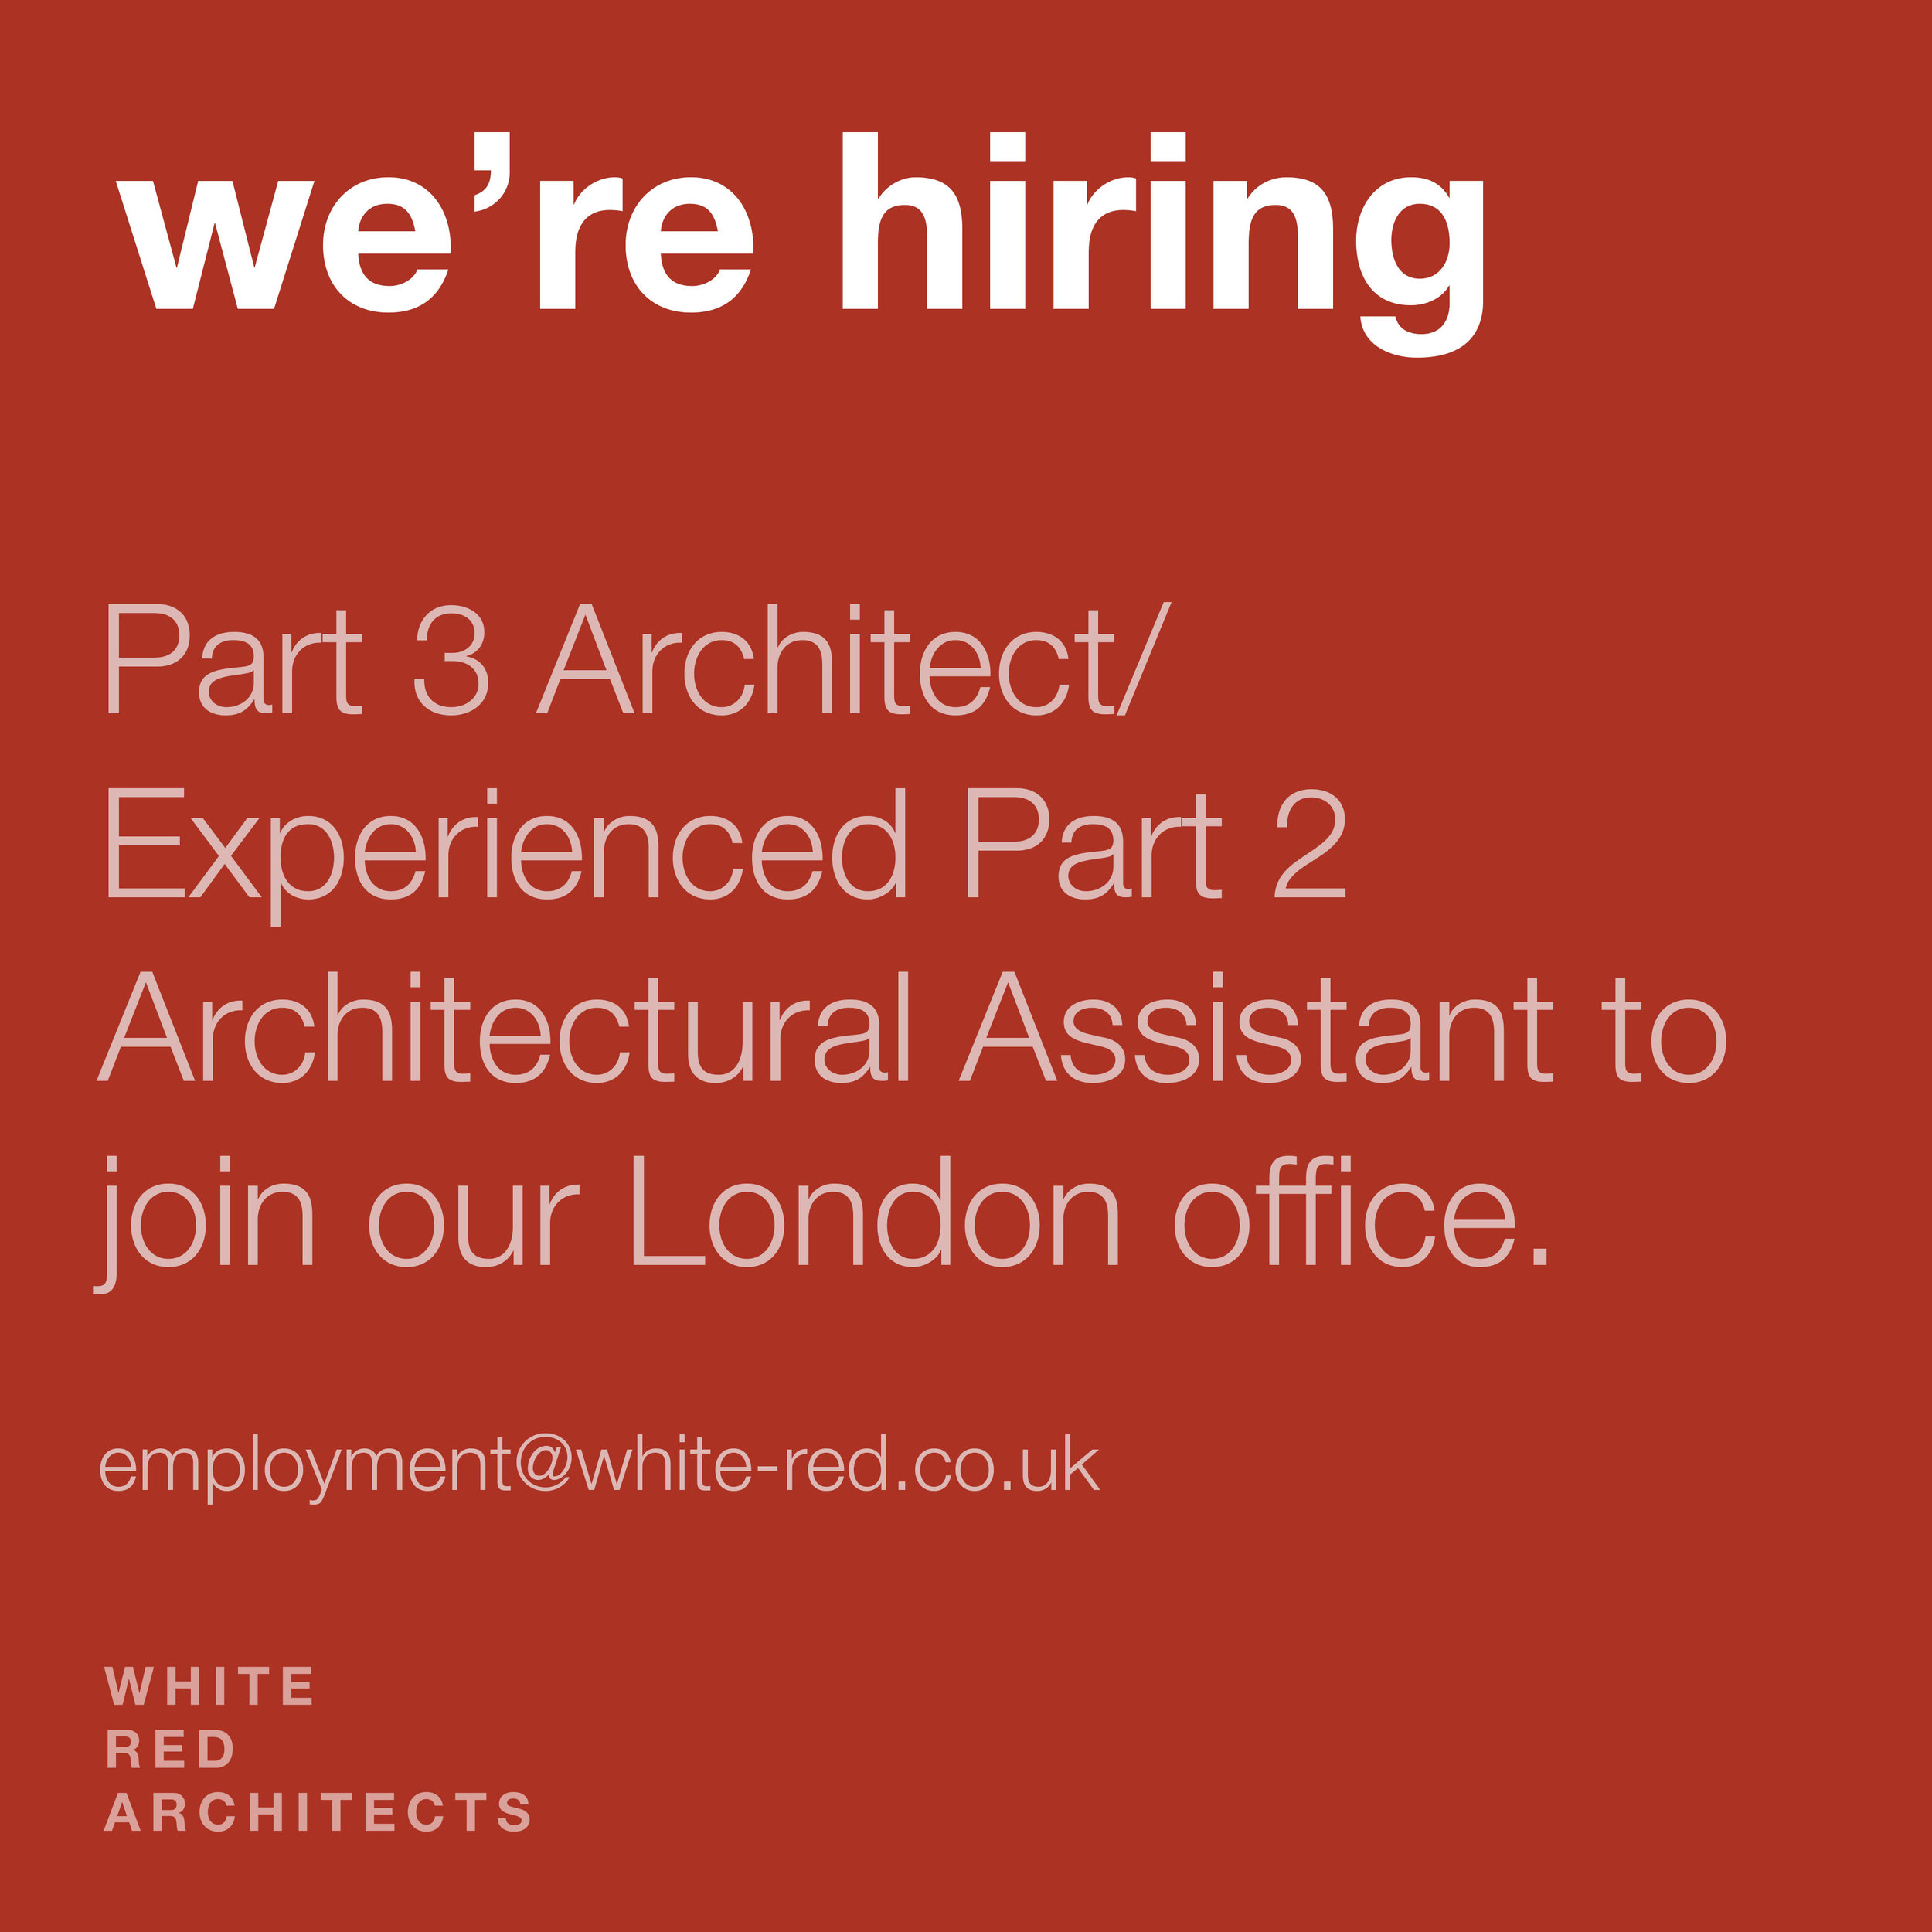 190624_We're hiring.jpg